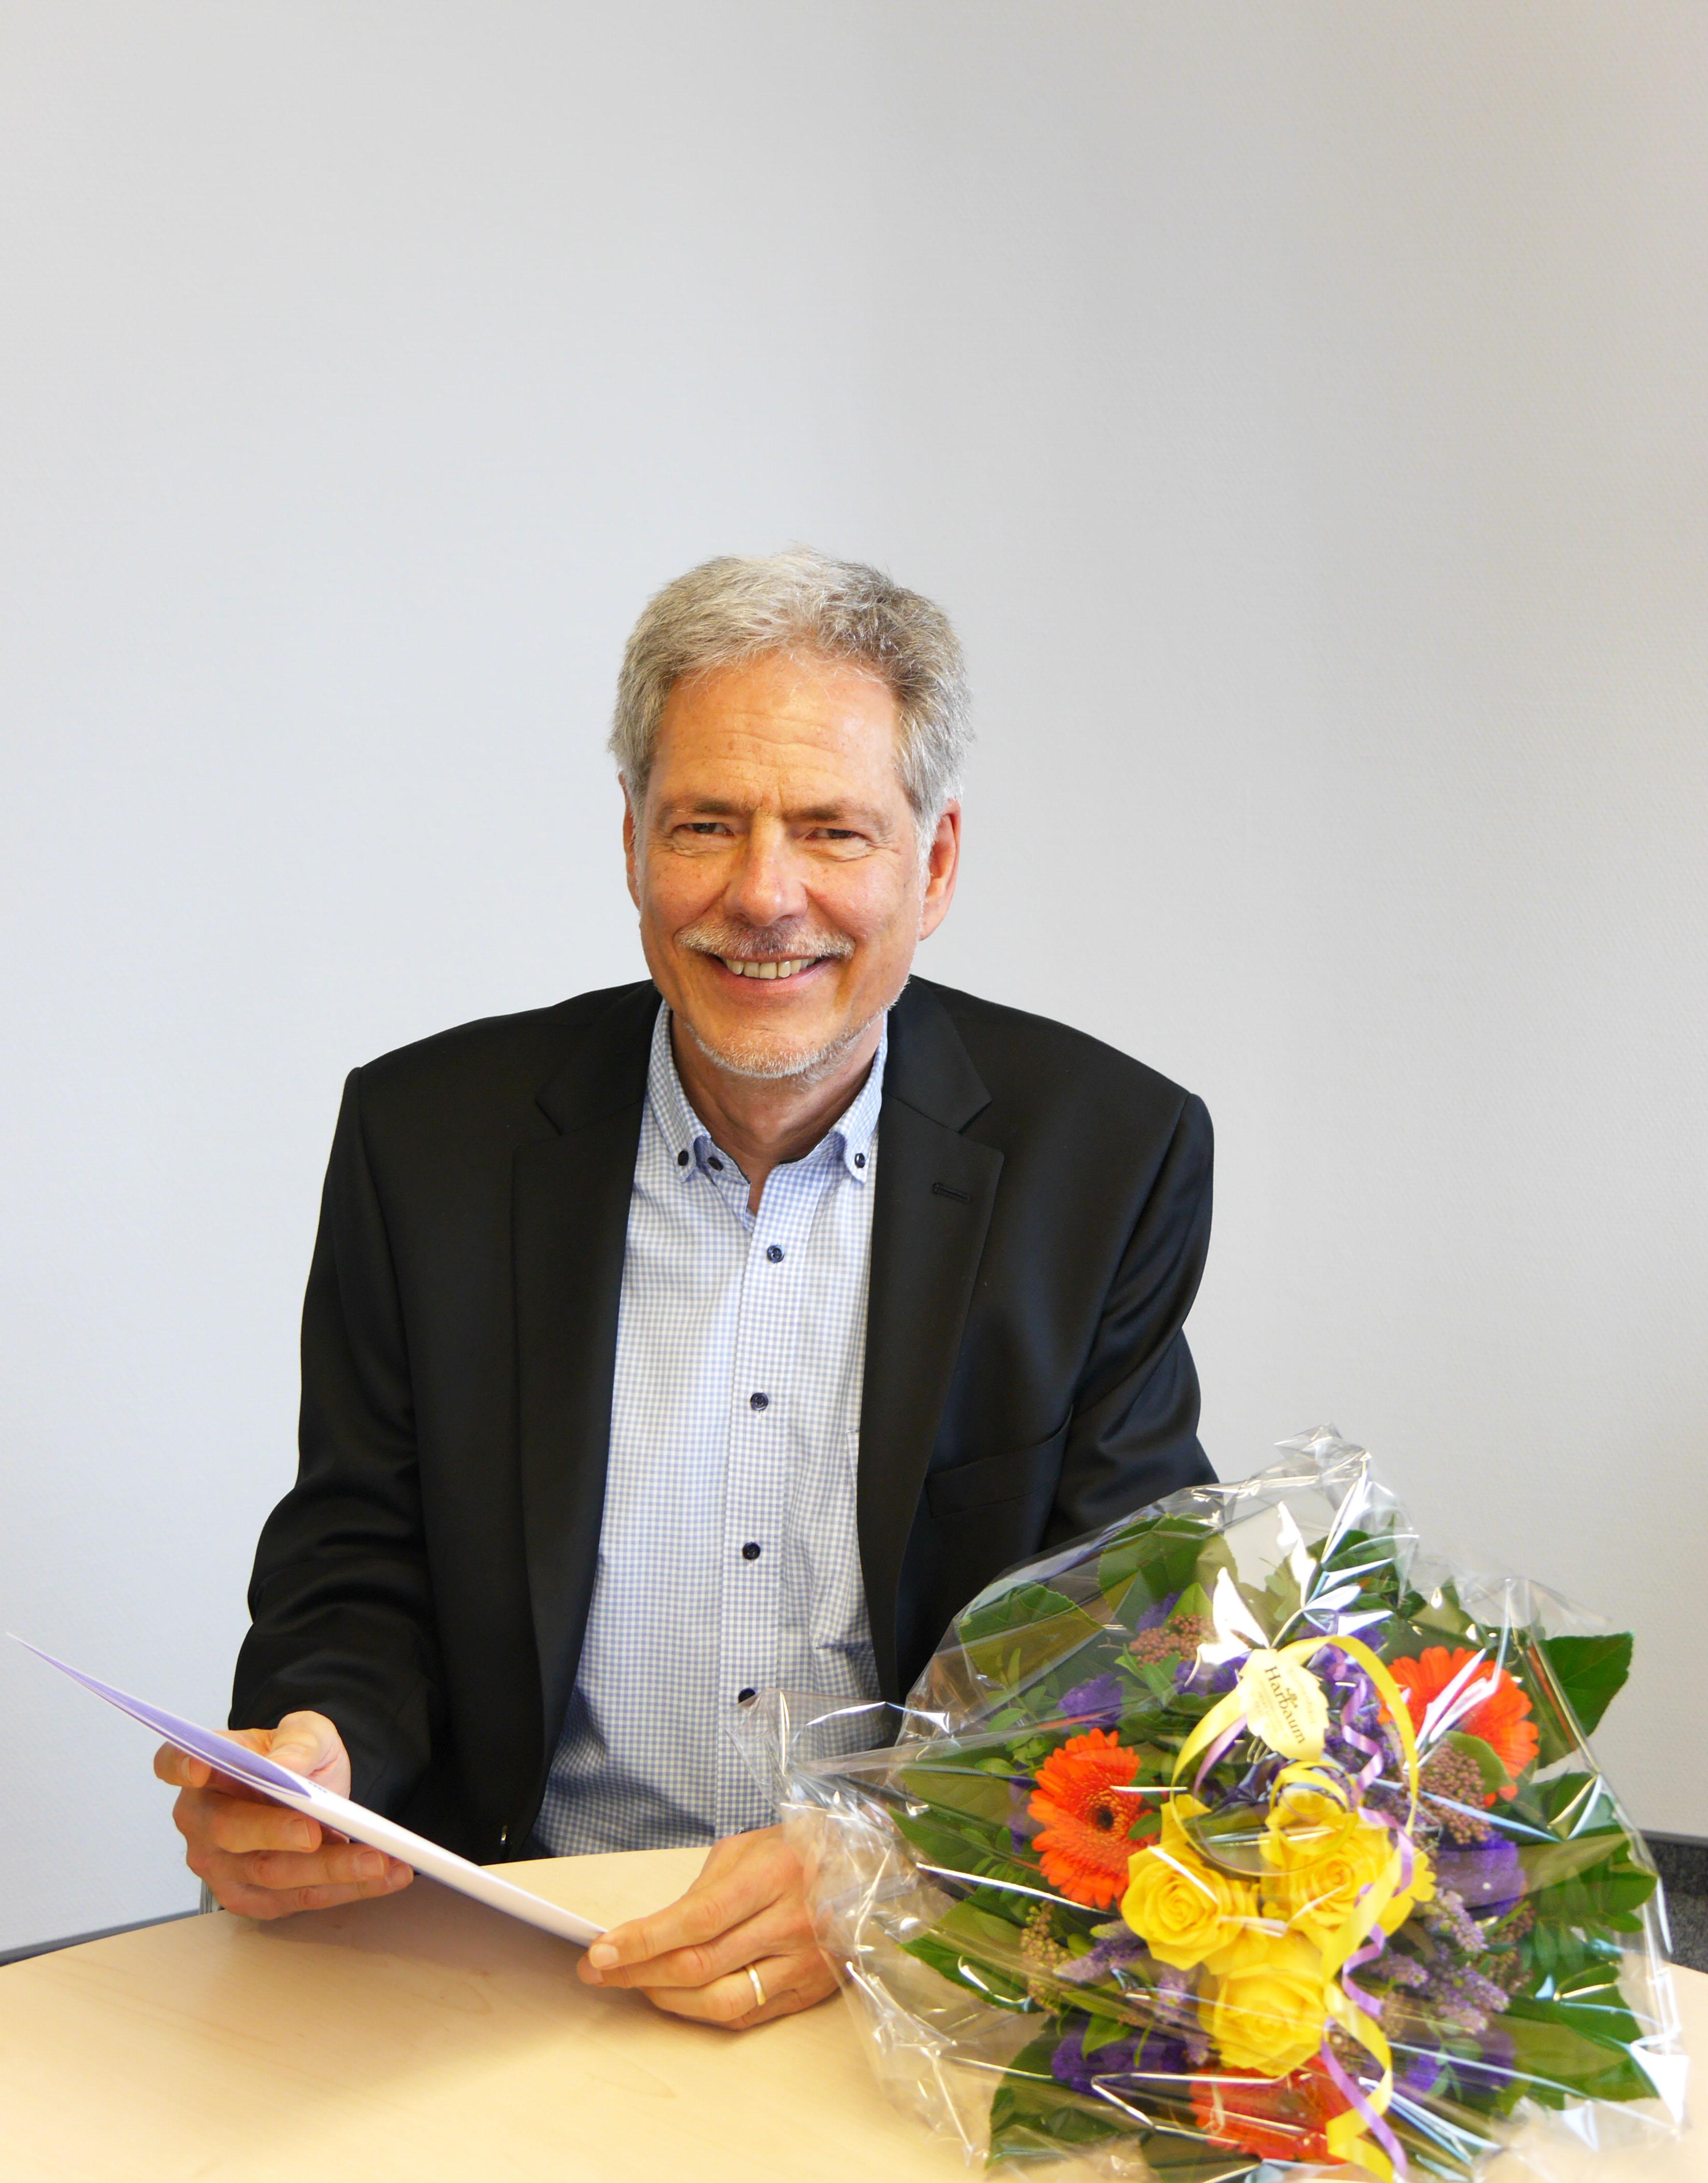 Auch während seines Ruhestands bleibt Prof. Dr. Hans Hermann Wickel der FH Münster im Bereich der Weiterbildung erhalten. (Foto: FH Münster/Rena Ronge)